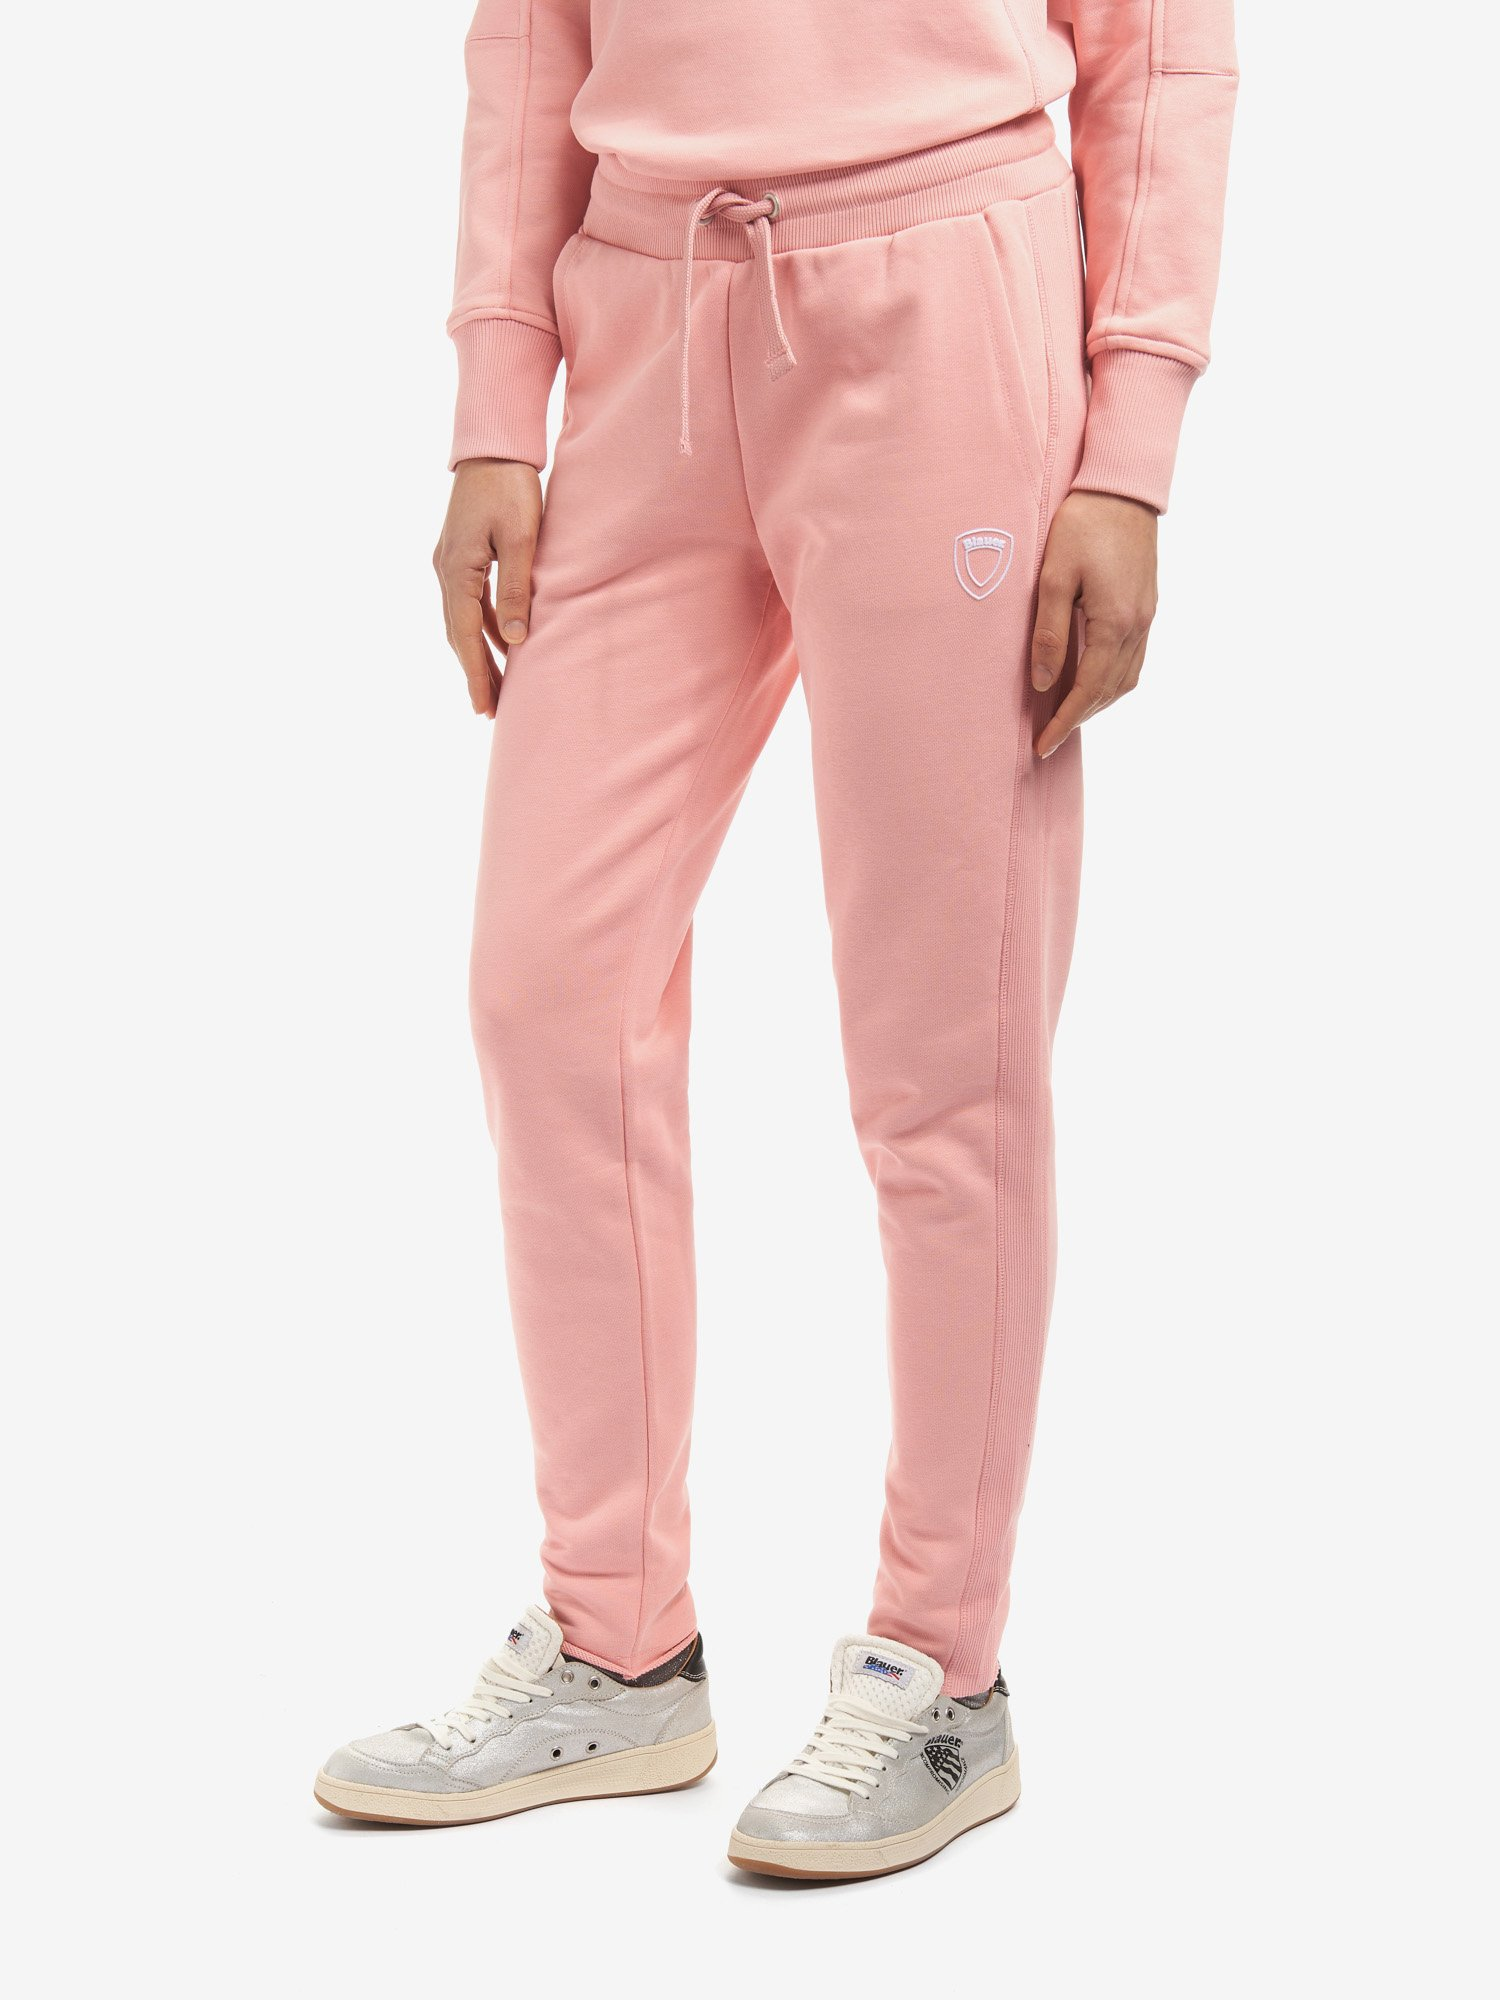 Blauer - ФЛИСОВЫЕ БРЮКИ - Soft Pink - Blauer